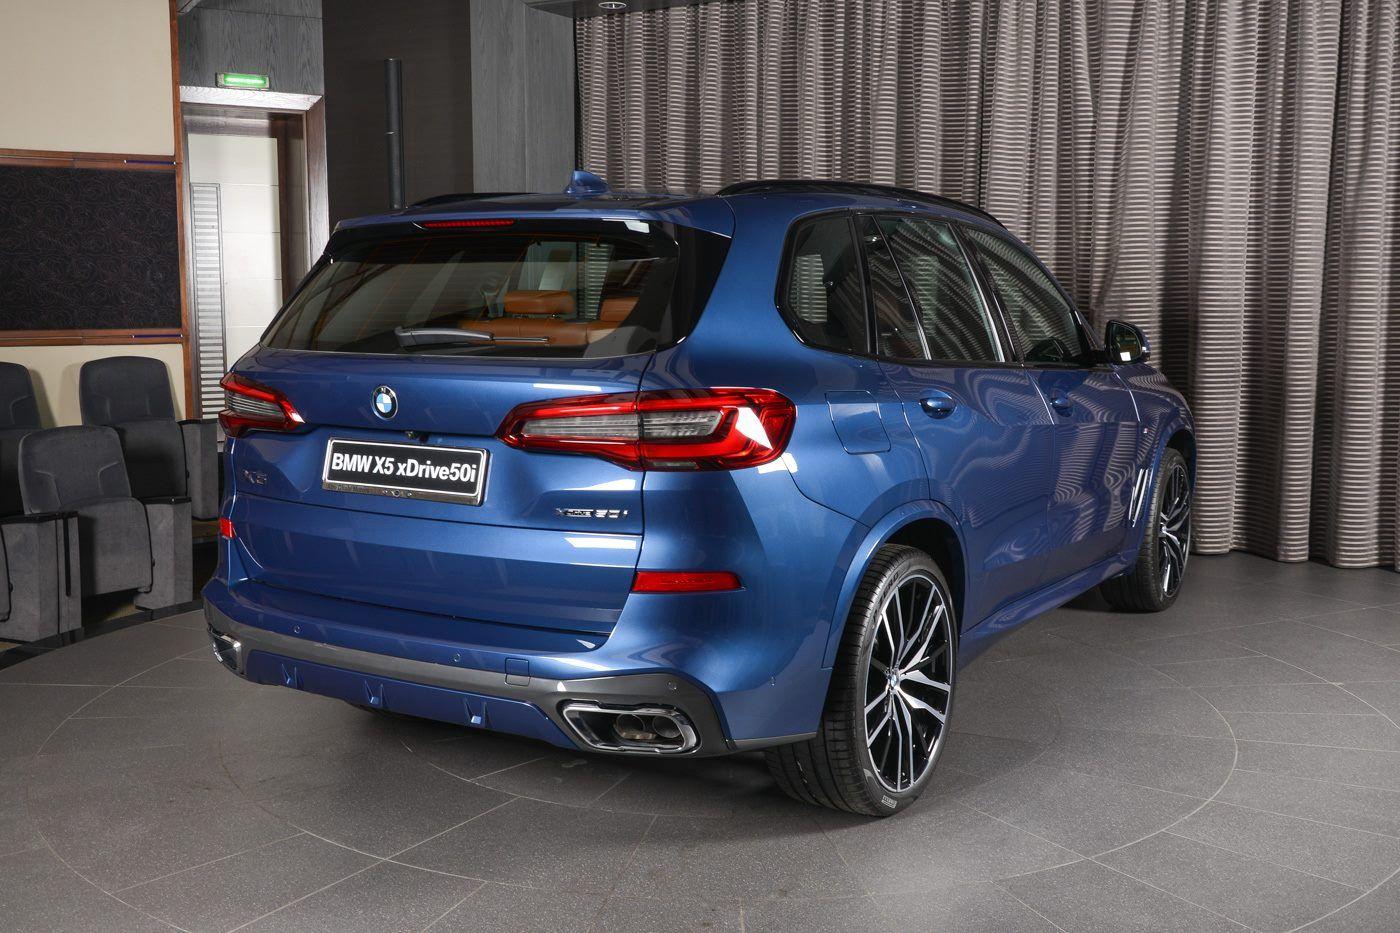 New 2019 Bmw X5 50i Looks Great In Phytonic Blue Bmw Bmw X5 Blue